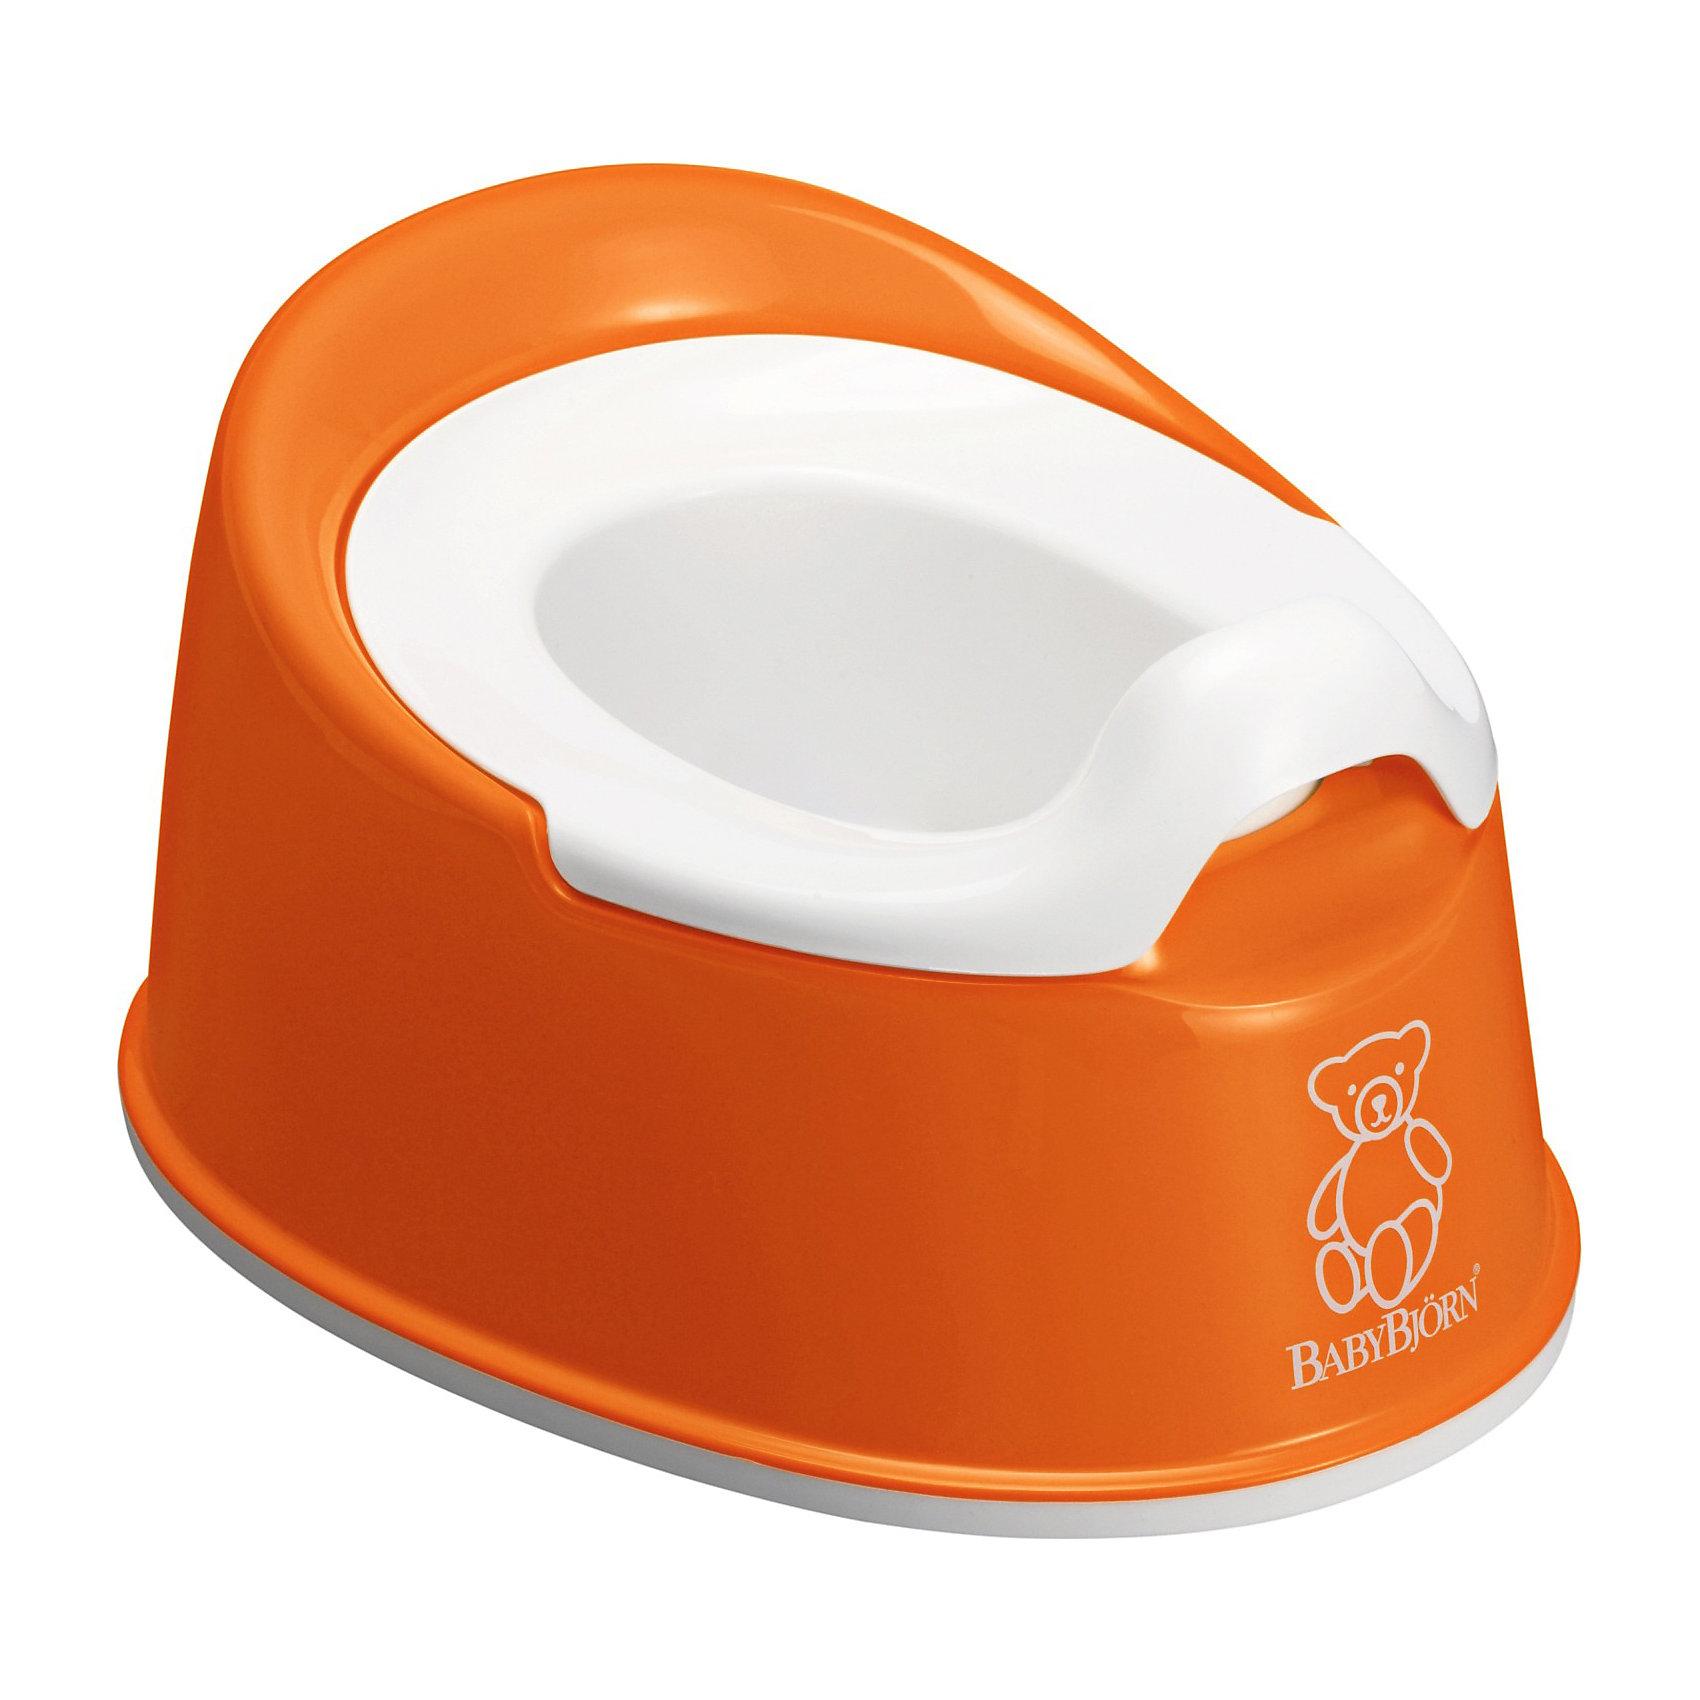 Горшок  Smart, BabyBjorn, оранжевыйГоршки, сиденья для унитаза, стульчики-подставки<br>Горшок Smart от BabyBjorn (БэйбиБьёрн) - превосходное сочетание функциональности и продуманного дизайна!<br><br>Несмотря на маленькие размеры, горшок Smart очень устойчив. Его легко содержать в чистоте, и поэтому он идеально подходит даже для небольшой уборной. Кроме того, благодаря эргономичному дизайну и мягким контурам, ребенку приятно и удобно им пользоваться.<br><br>Горшок легко содержать в чистоте - внутренняя часть горшка легко вынимается. Протрите влажной тряпкой или сполосните под краном.<br><br>Дополнительная информация:<br><br>- Занимает мало места, легко брать с собой. <br>- Вынимаемый внутренний горшок легко опорожнять и мыть. <br>- Резиновые планки снизу обеспечивают устойчивость на полу.<br>- Предотвращает ненужное разбрызгивание.<br>- Не содержит ПВХ. <br>- Изготовлен из прочной пластмассы, которая поддается утилизации.<br>- Вес: 540 г.<br>- Размеры: 25,5 x 33 x 16,5 cм.<br><br>Горшок Smart от BabyBjorn голубого цвета можно купить в нашем интернет-магазине.<br><br>Ширина мм: 330<br>Глубина мм: 255<br>Высота мм: 165<br>Вес г: 530<br>Цвет: оранжевый<br>Возраст от месяцев: 6<br>Возраст до месяцев: 36<br>Пол: Унисекс<br>Возраст: Детский<br>SKU: 3888127